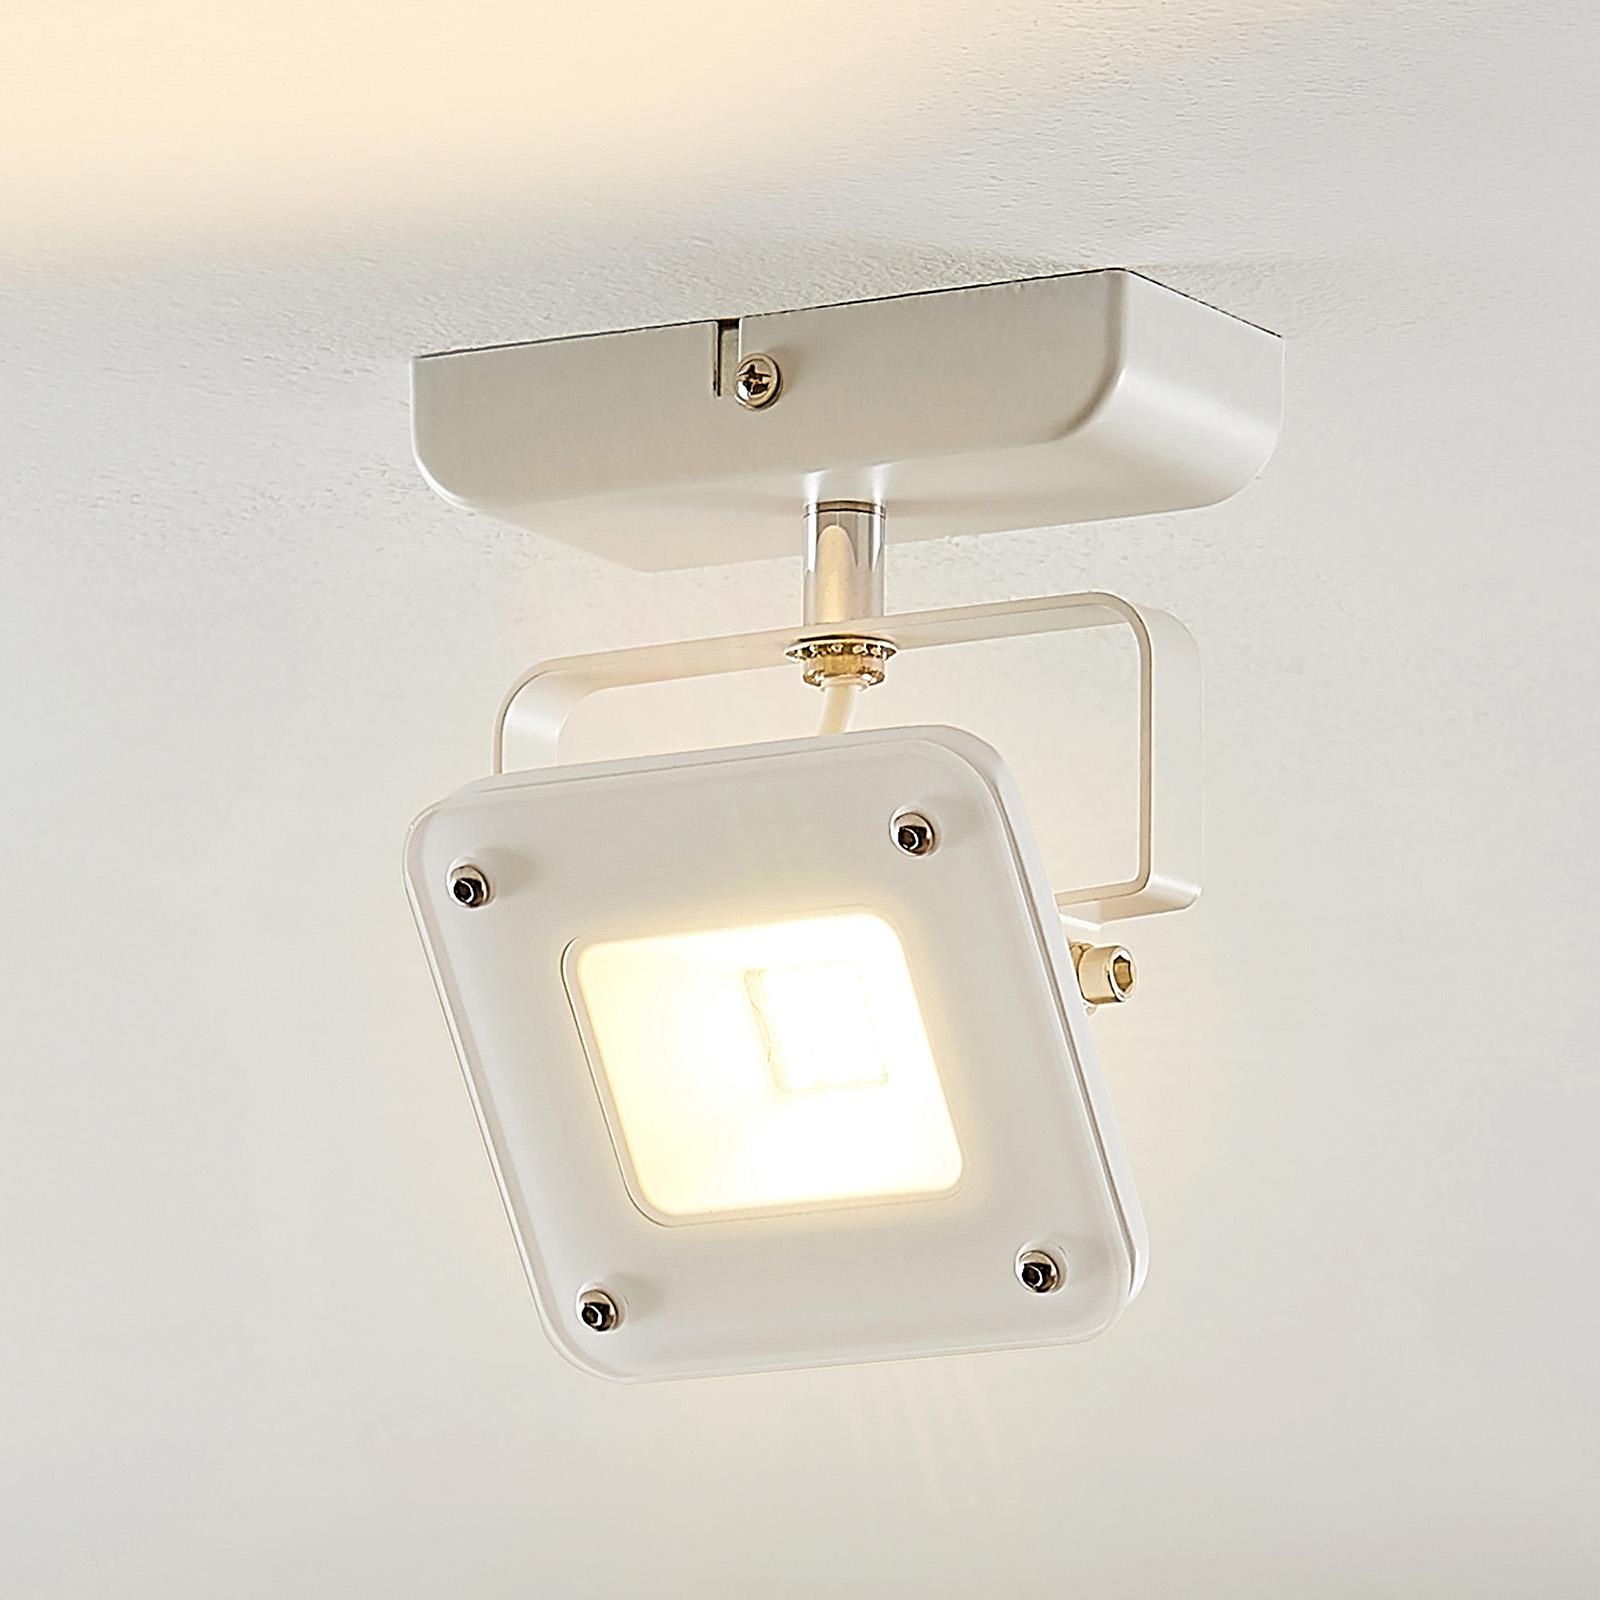 LED-kohdevalo Juliana, valk., himm., 1-lamppuinen